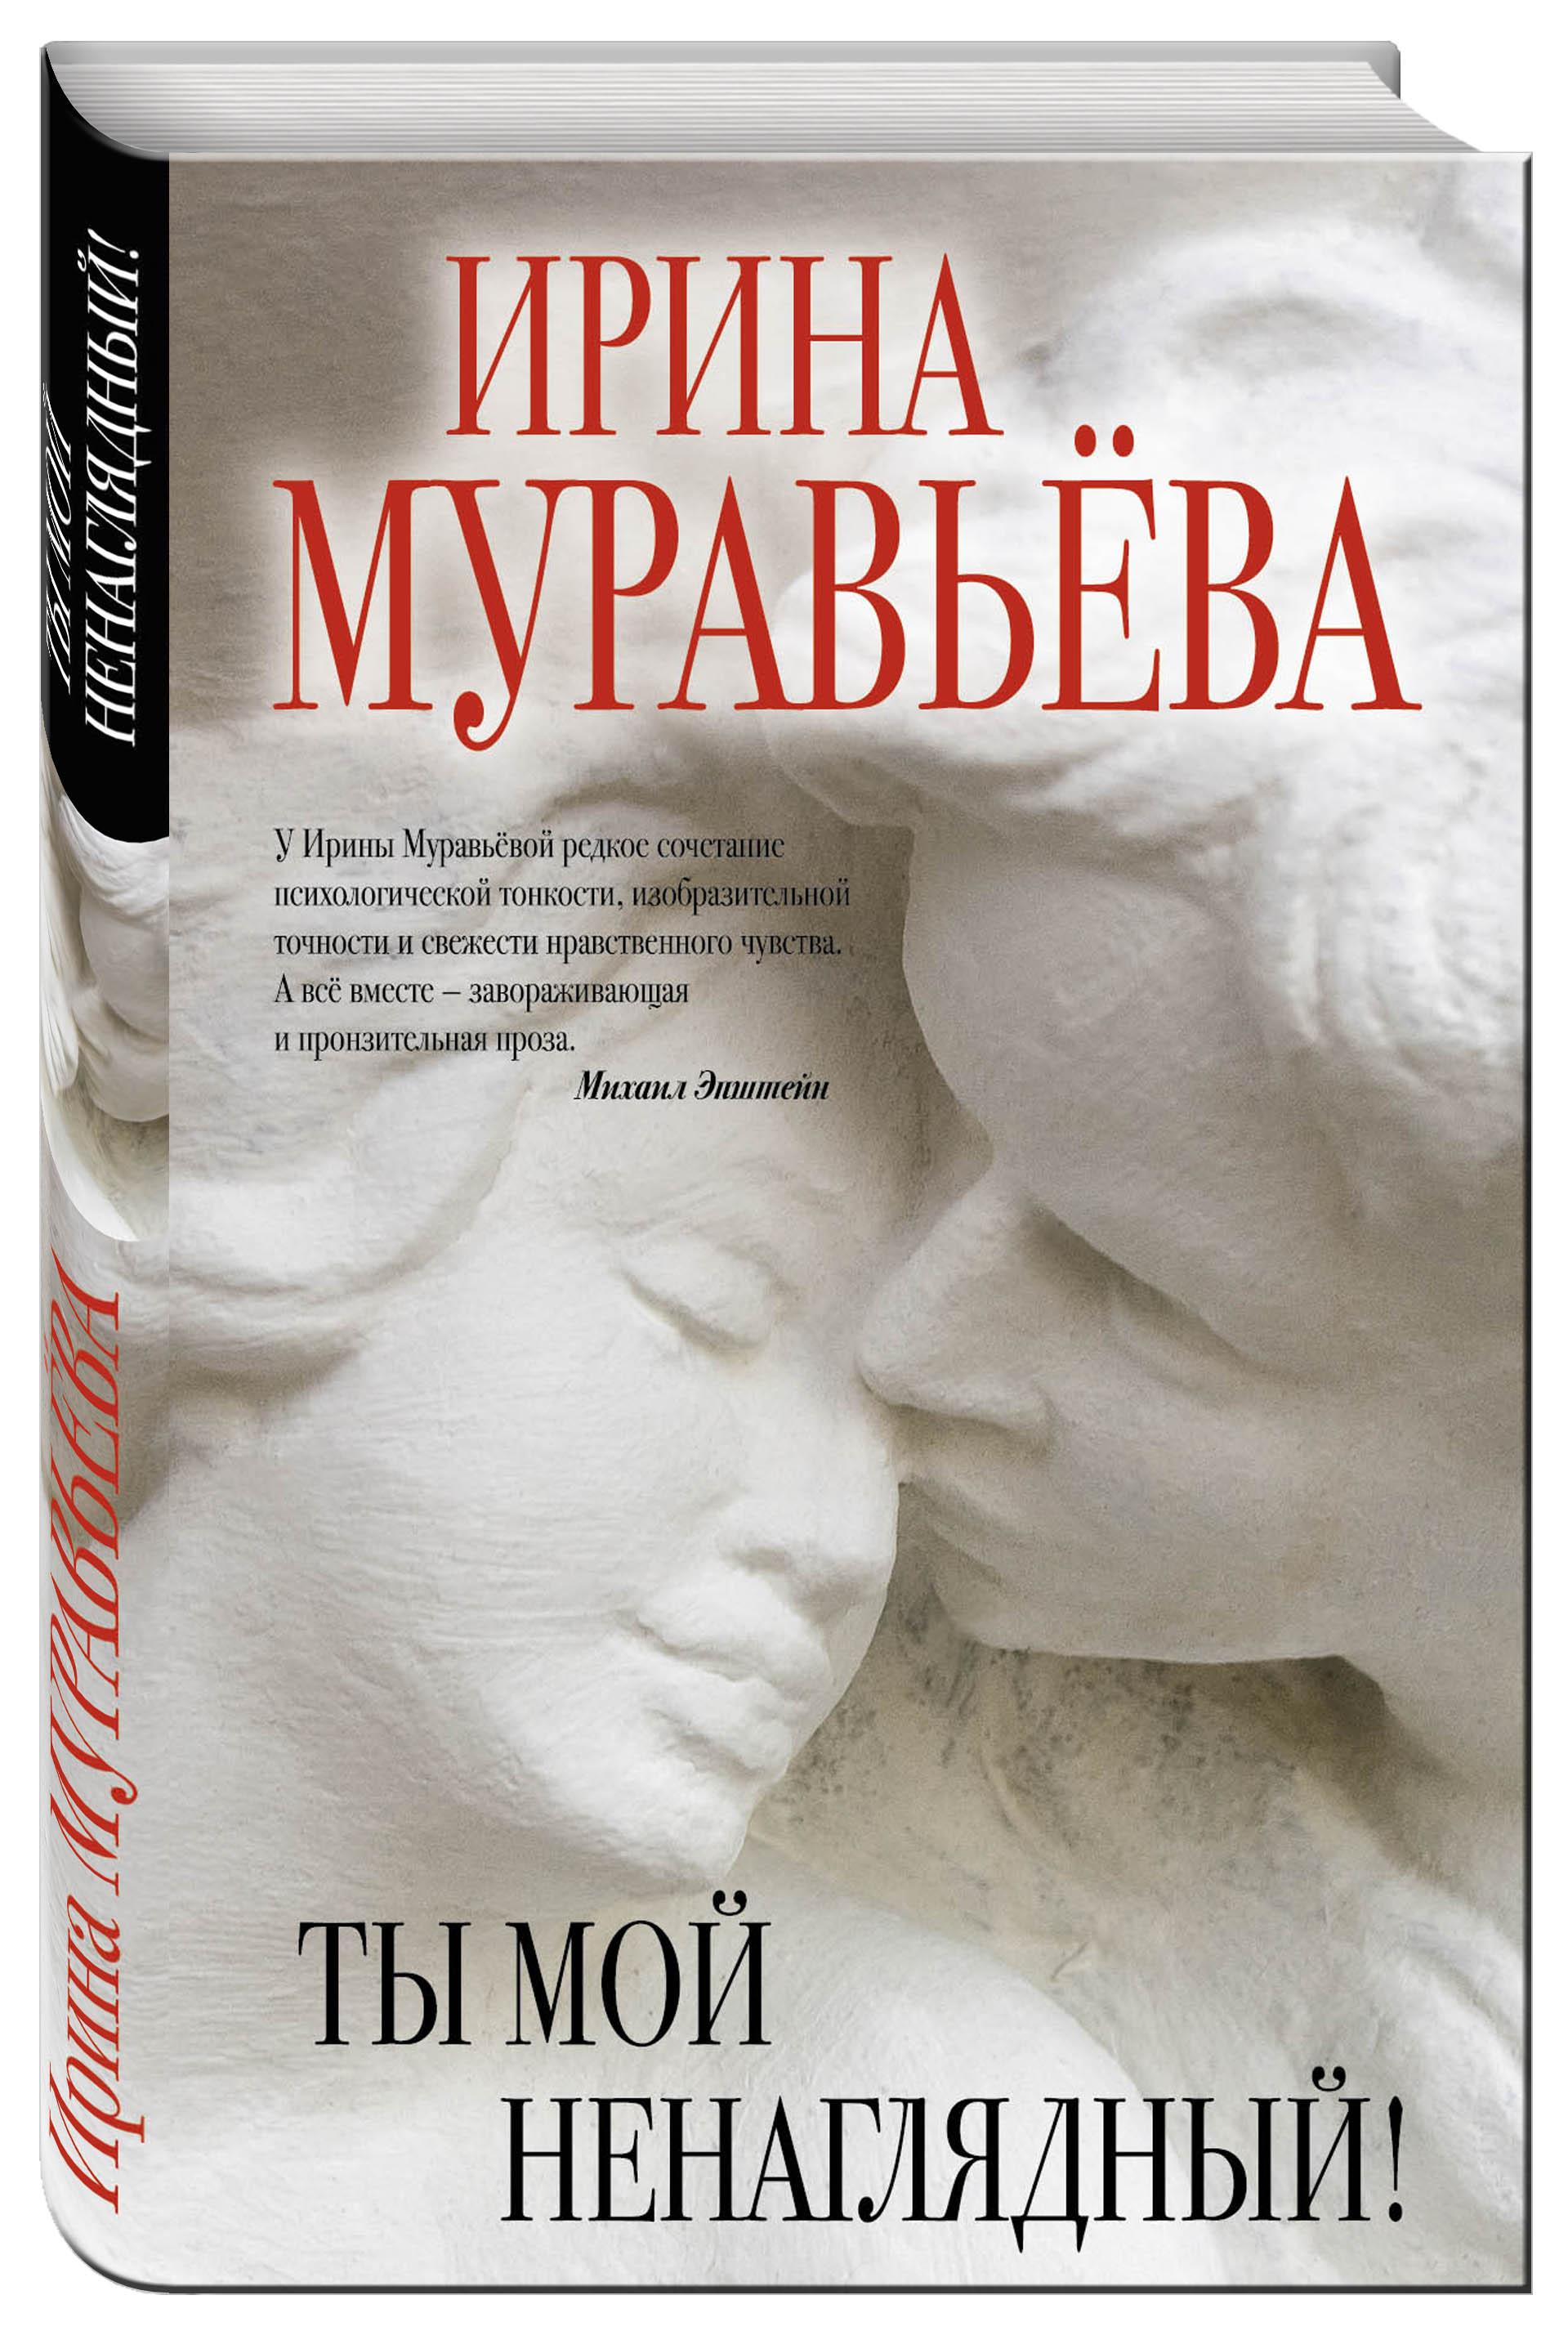 Ирина Муравьева Ты мой ненаглядный! цена и фото